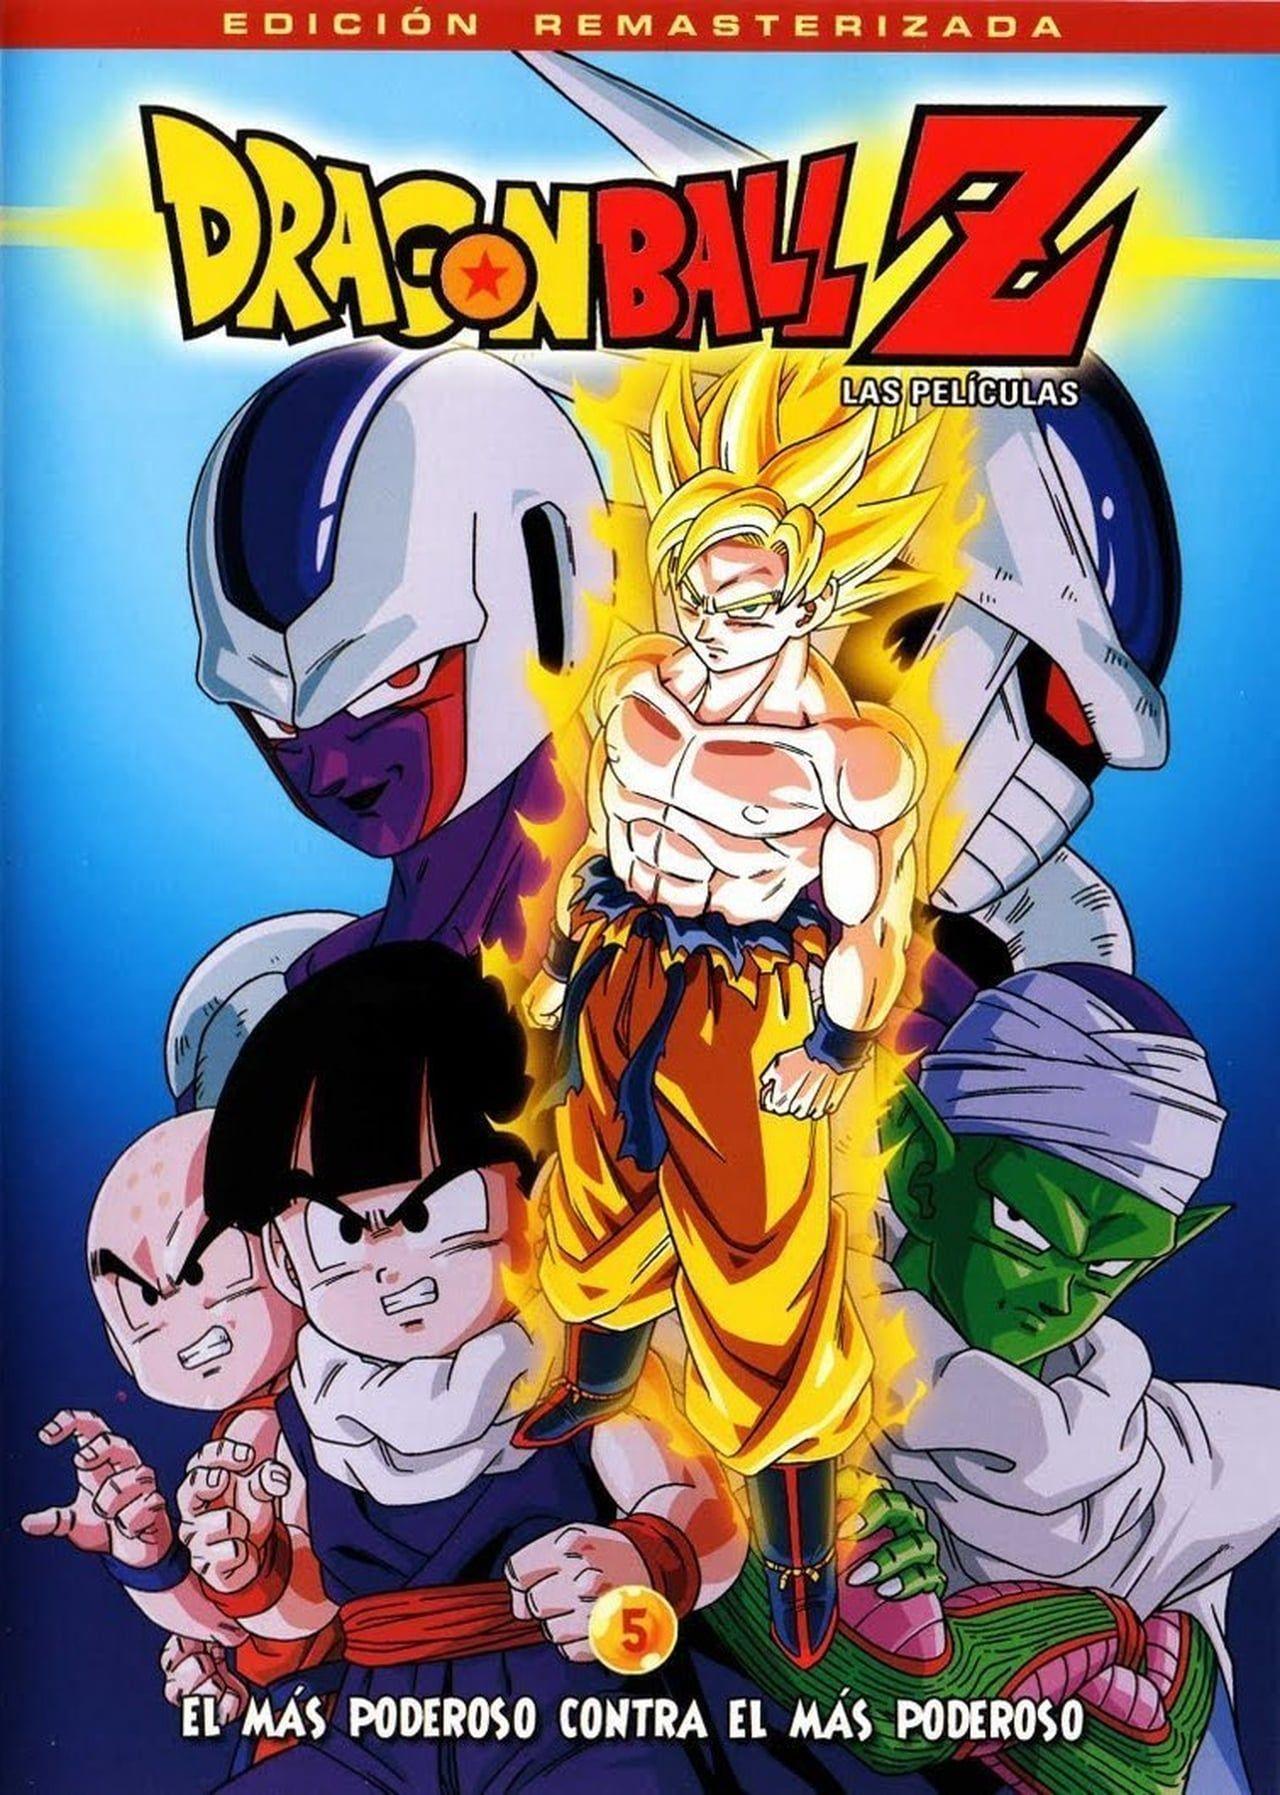 Dragon Ball Z Cooler S Revenge Pelicula Completa En Español Latino Mega Videos Líñea Español Dragon Ball Dragon Ball Z Dragon Ball Art